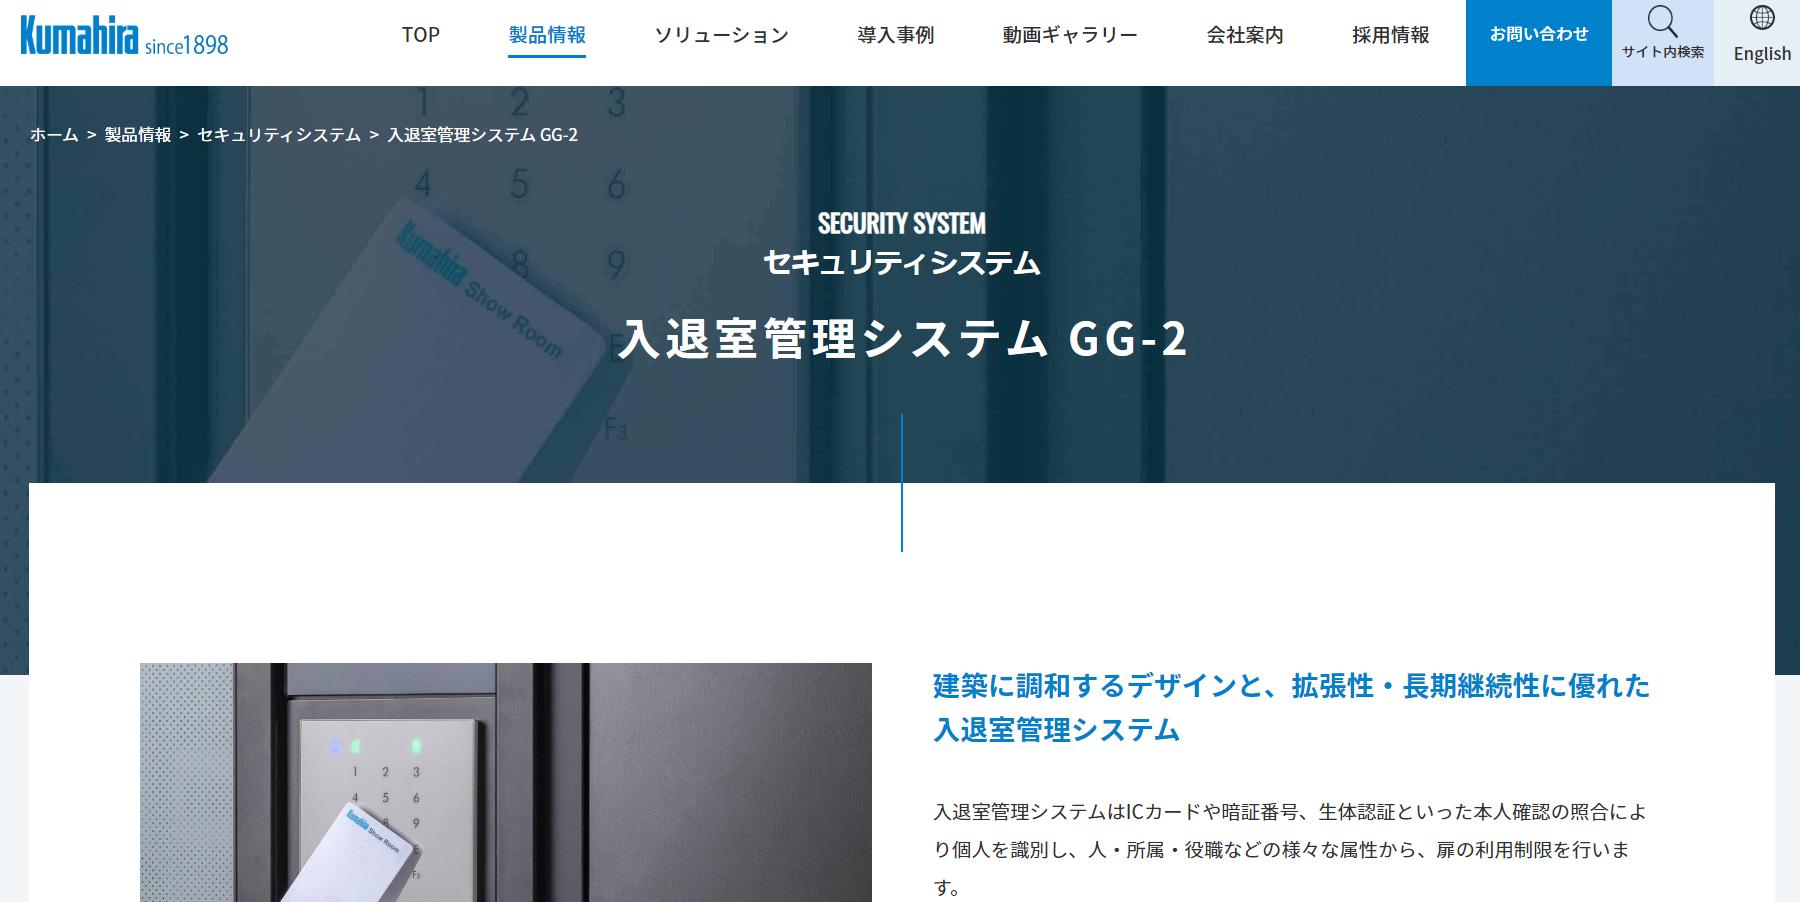 入退室管理システム GG-2